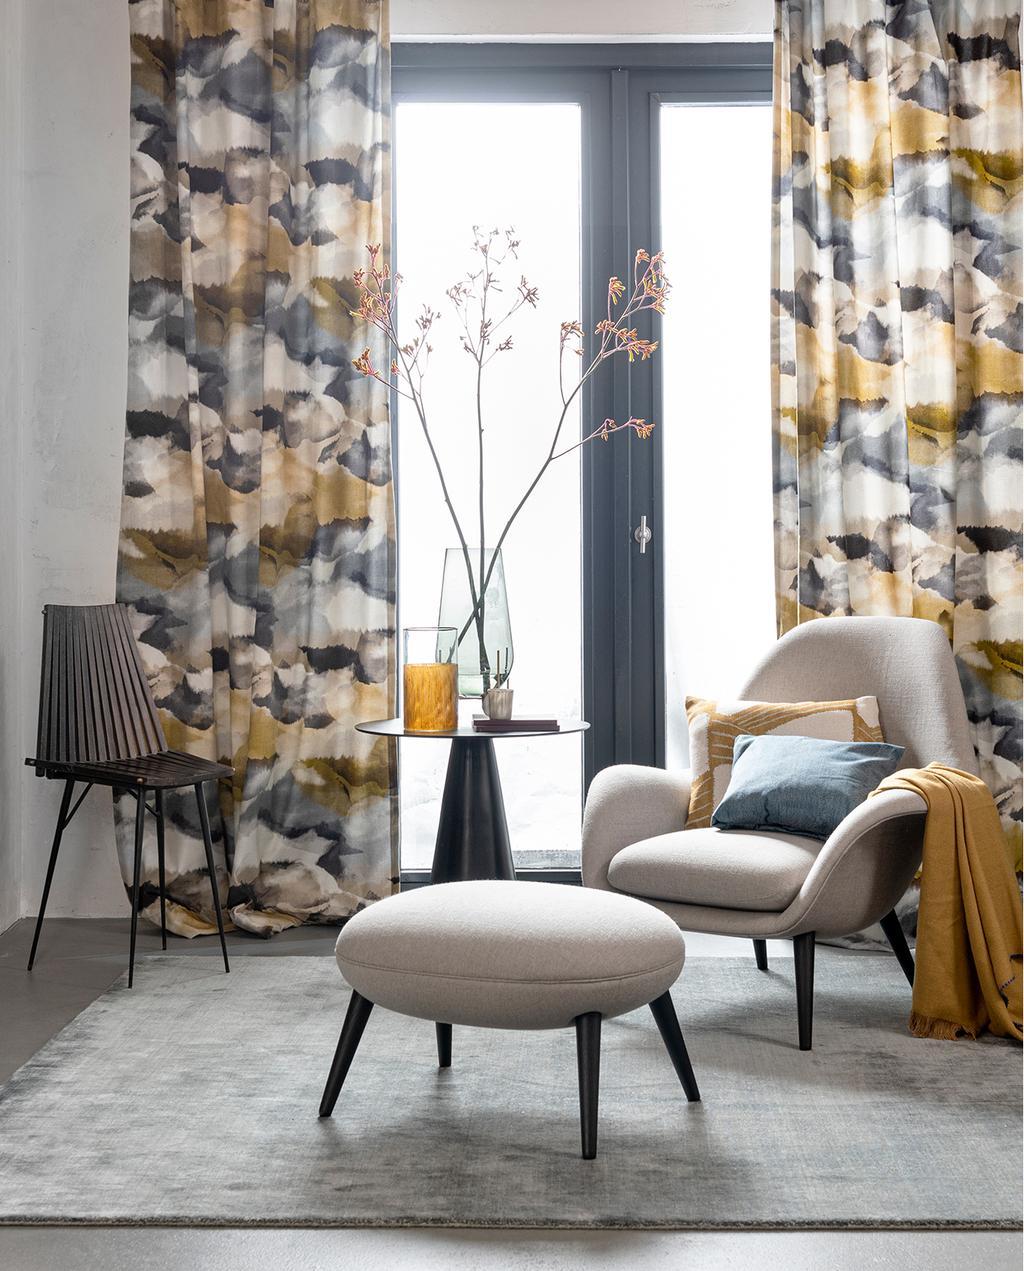 vtwonen 03-2020 stof verf & behang | wolken gordijnen met crème meubels